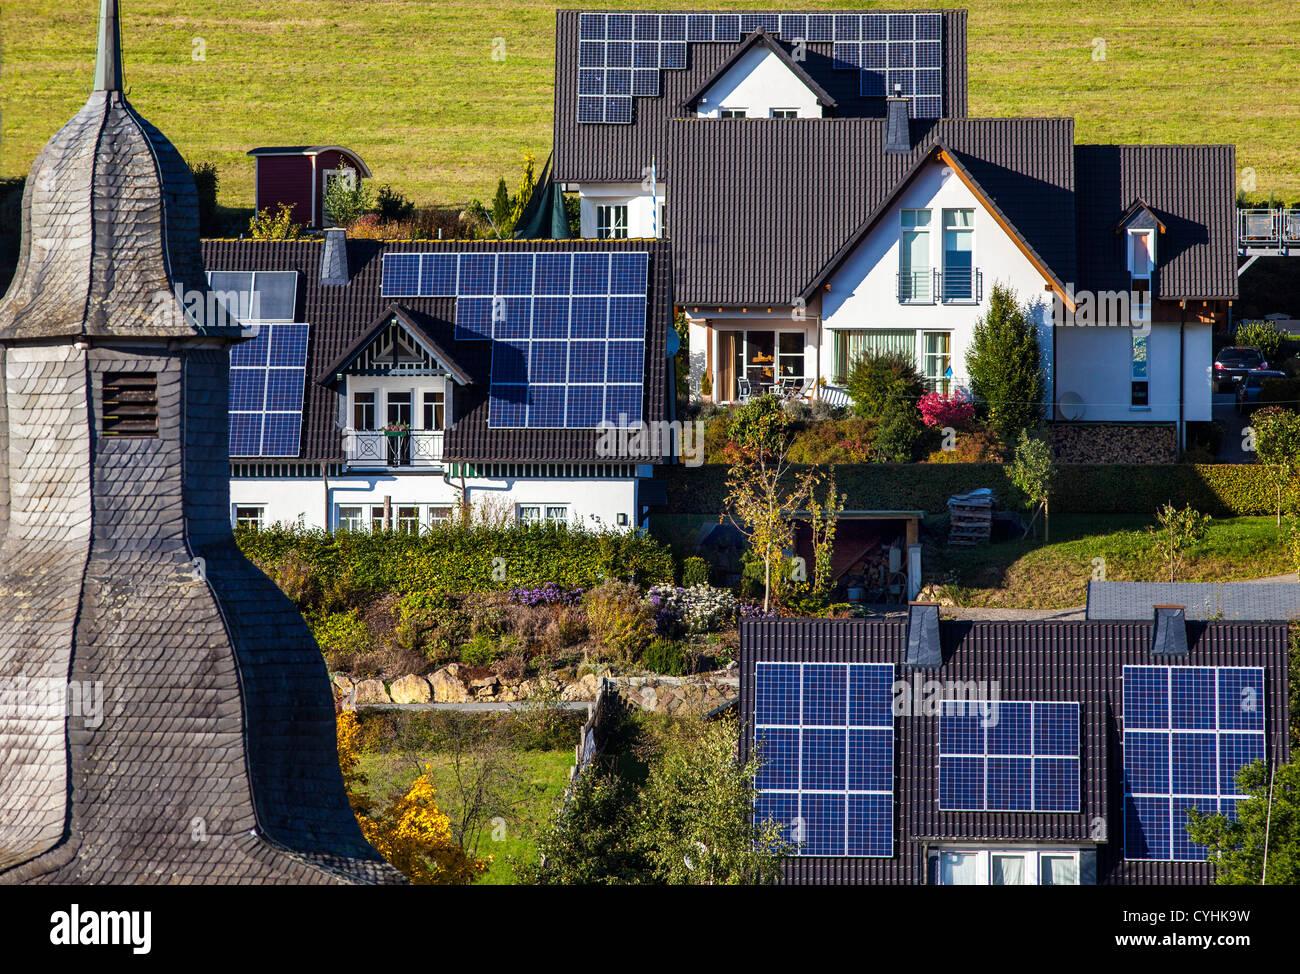 Paneles solares en el techo de sus casas. Energía solar térmica. Imagen De Stock